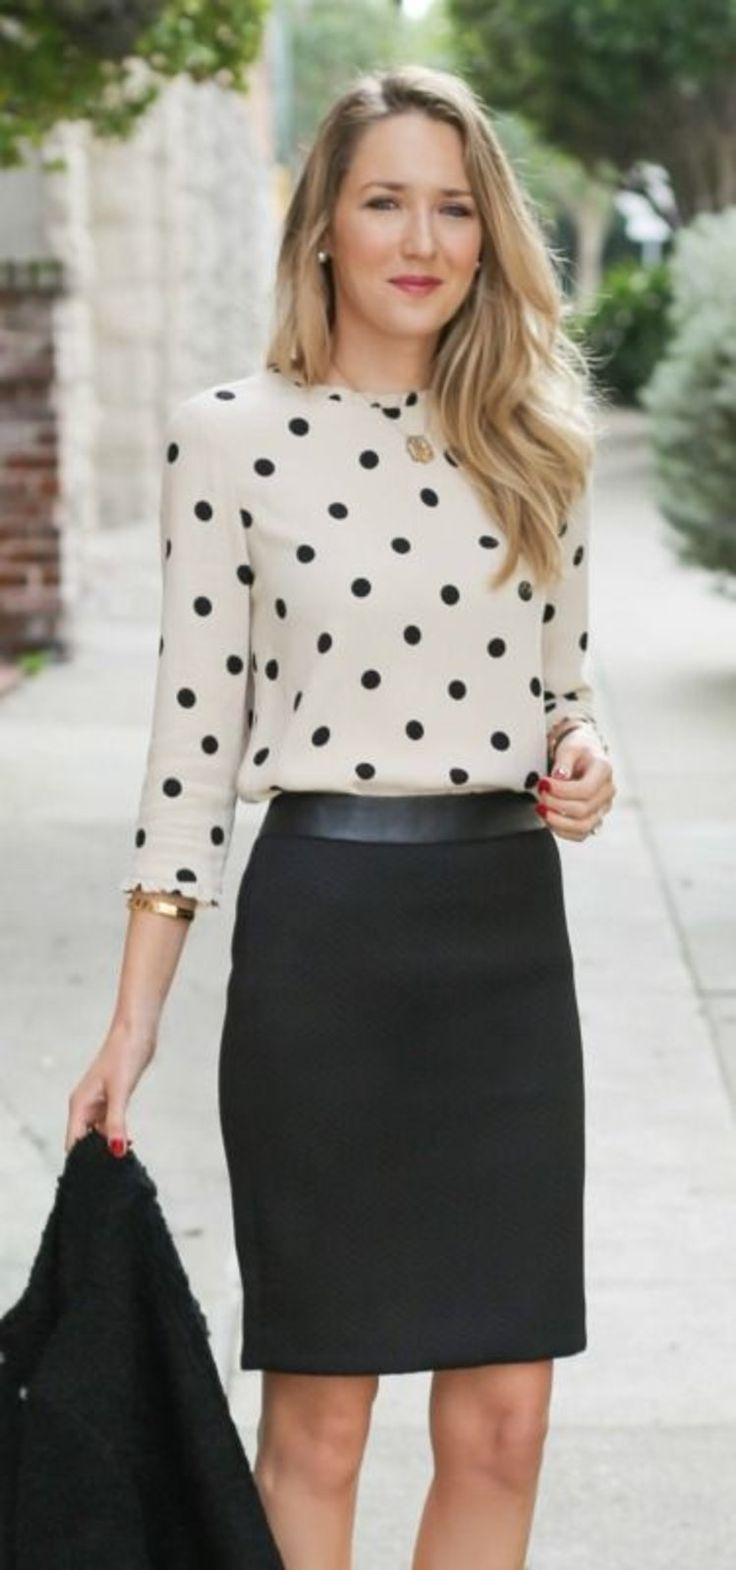 Bluzeczka w kropki - super styl